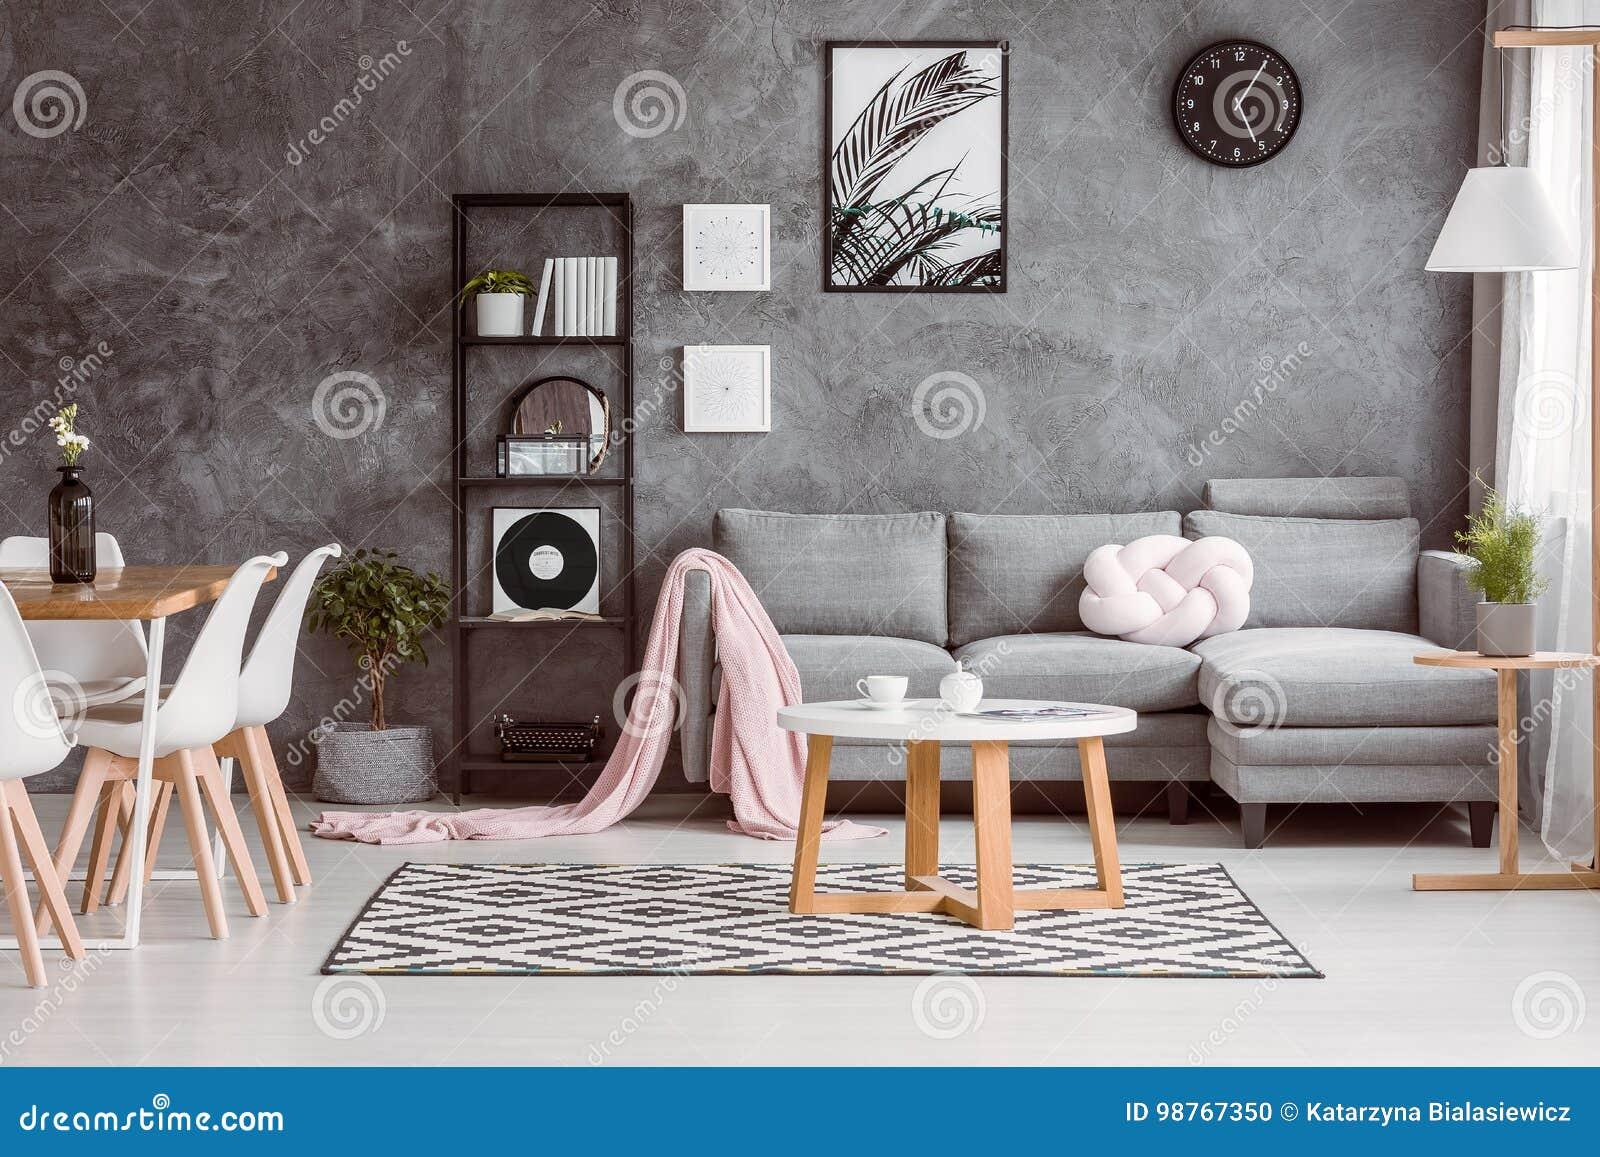 Fußboden Teppich Grau ~ Graue couch eingestellt in wohnzimmer stockfoto bild von